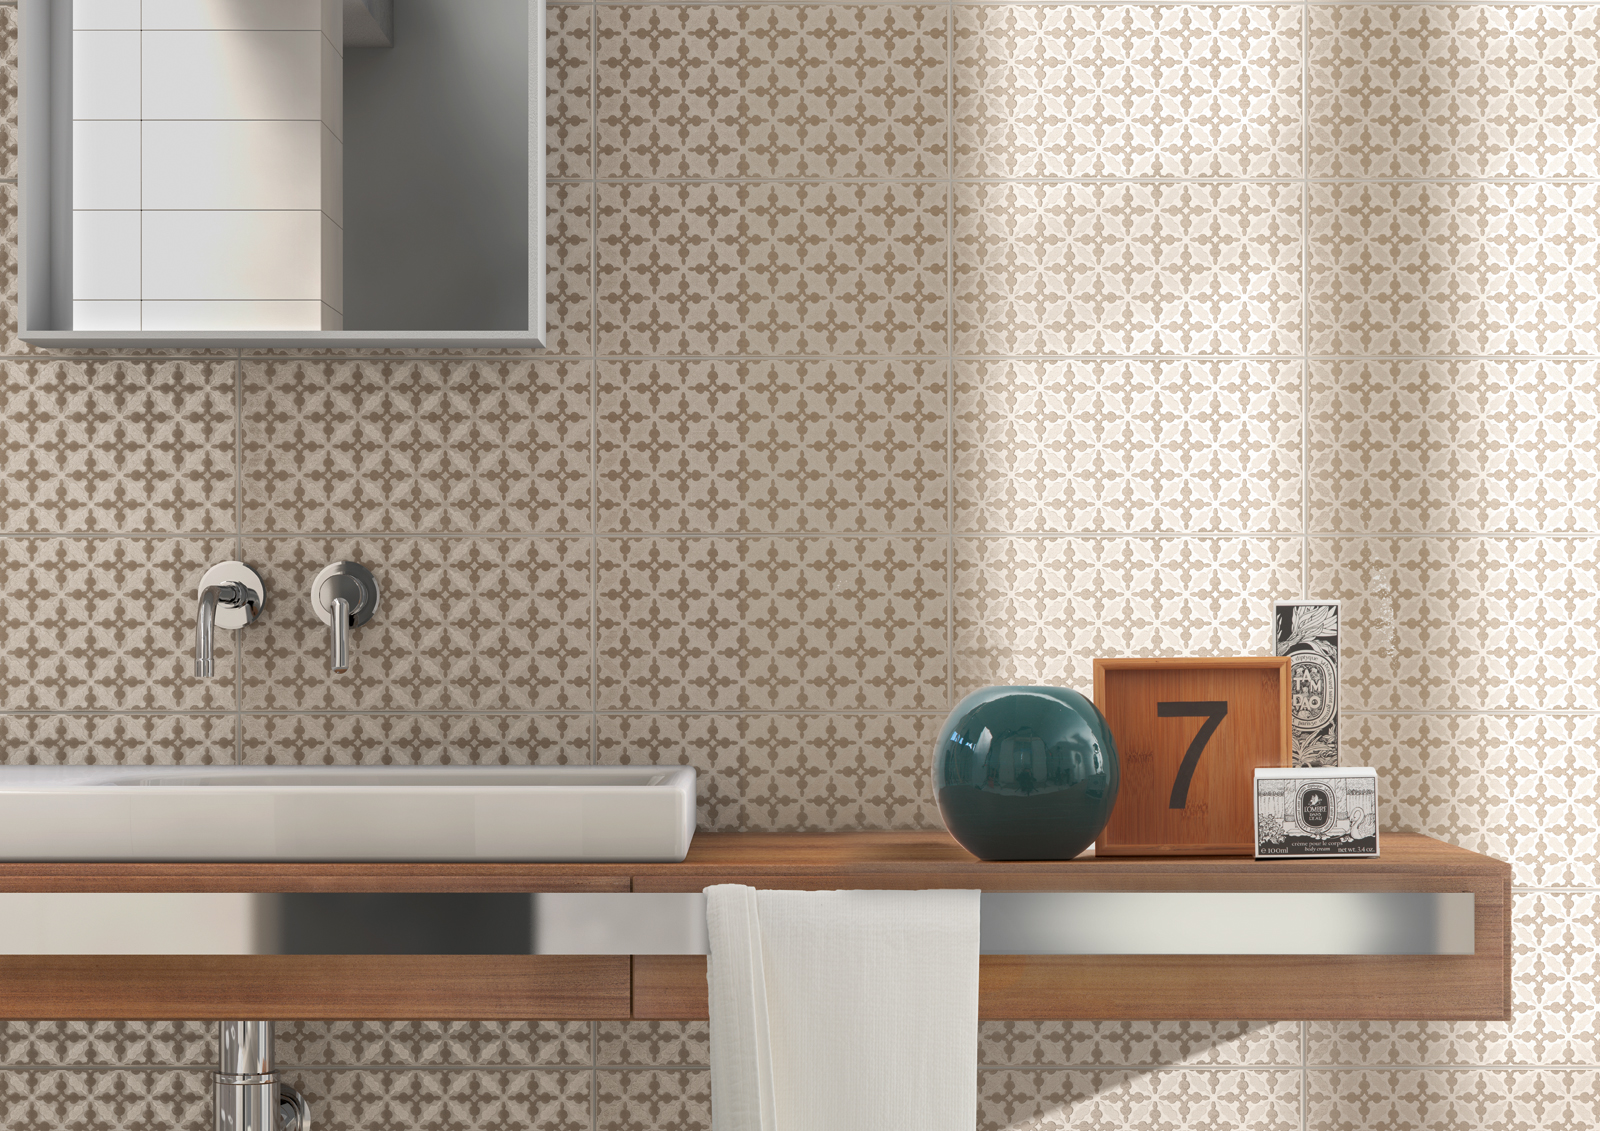 Marazzi ceramiche cucina home design ideas home design